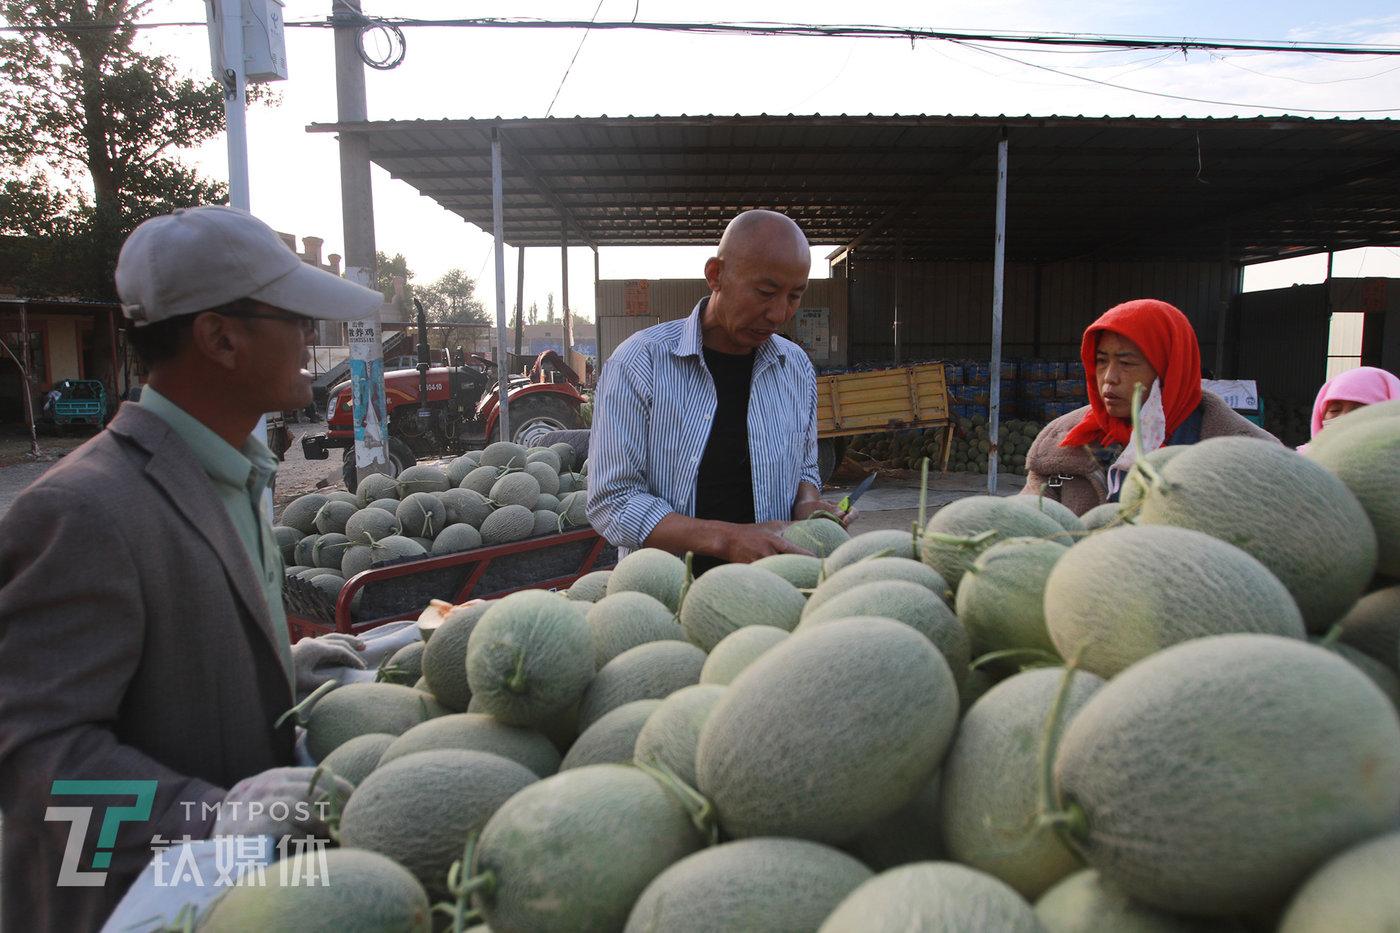 水果商尹伟(中)拦住一辆运瓜的三轮车,想要看看瓜是否合适。他来自武汉的水果商,已经连续28年到收成来收瓜。